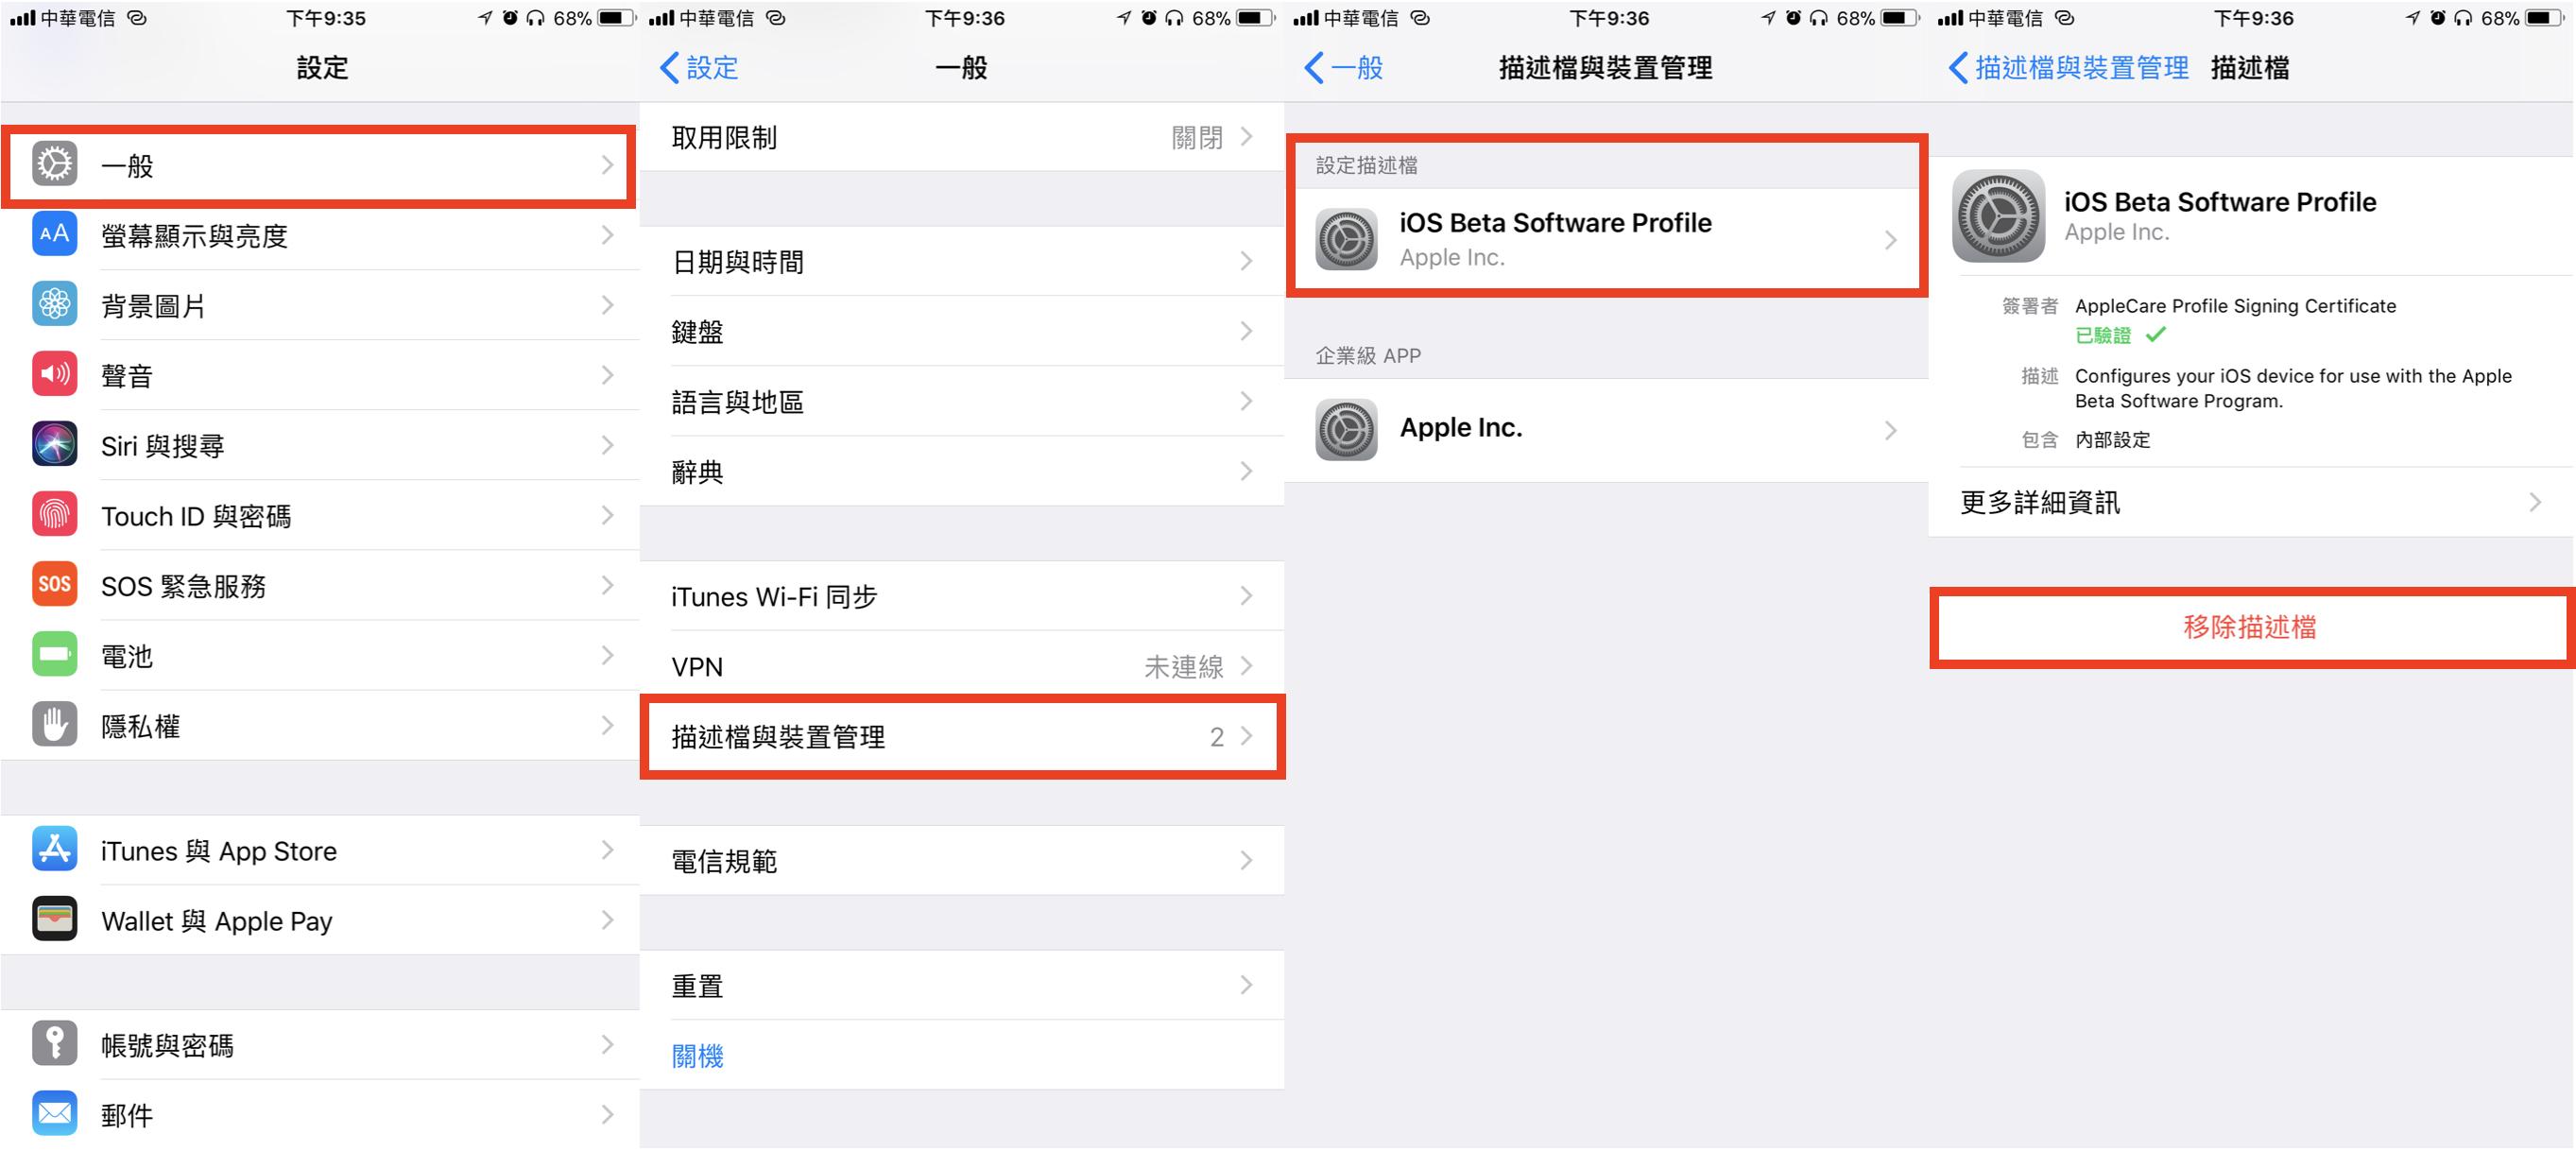 如何讓「請從iOS 11 Beta更新」不再顯示-刪除描述檔